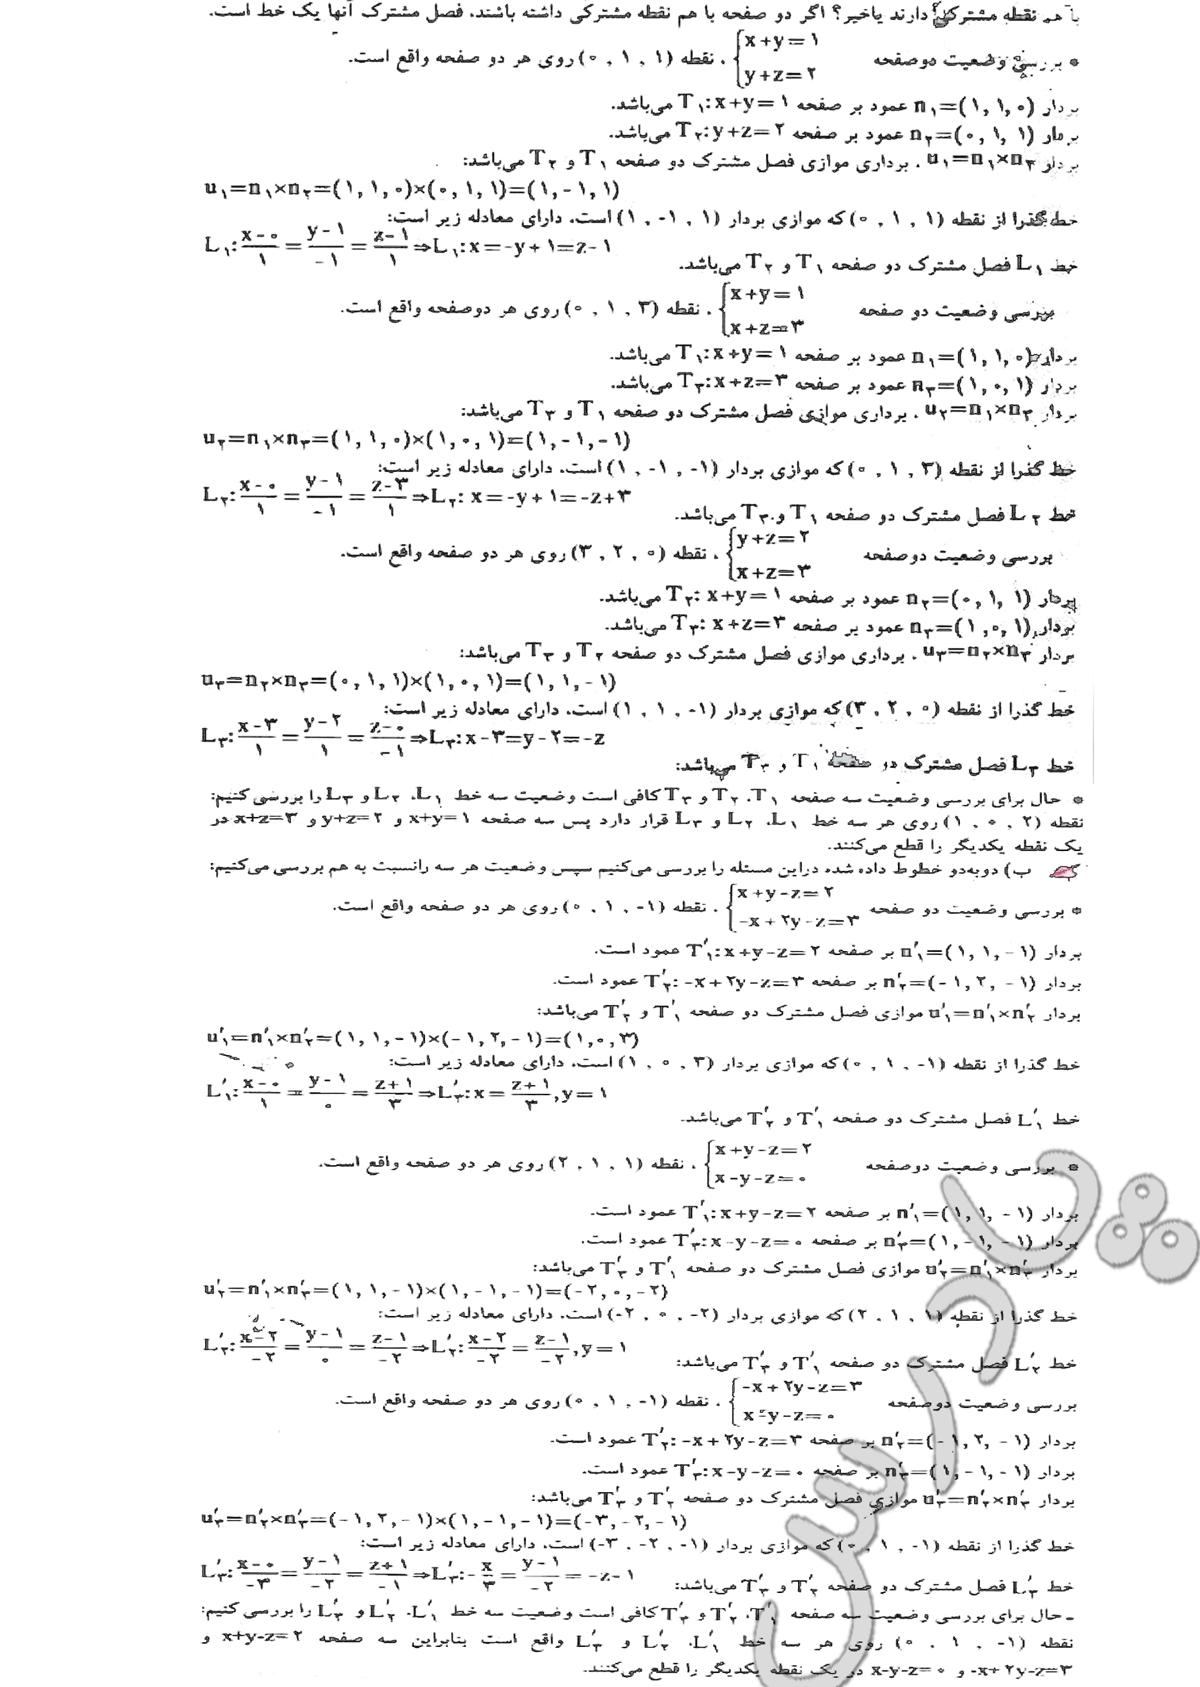 حل تمرین 18 صفحه 47 فصل دوم هندسه تحلیلی پیش دانشگاهی